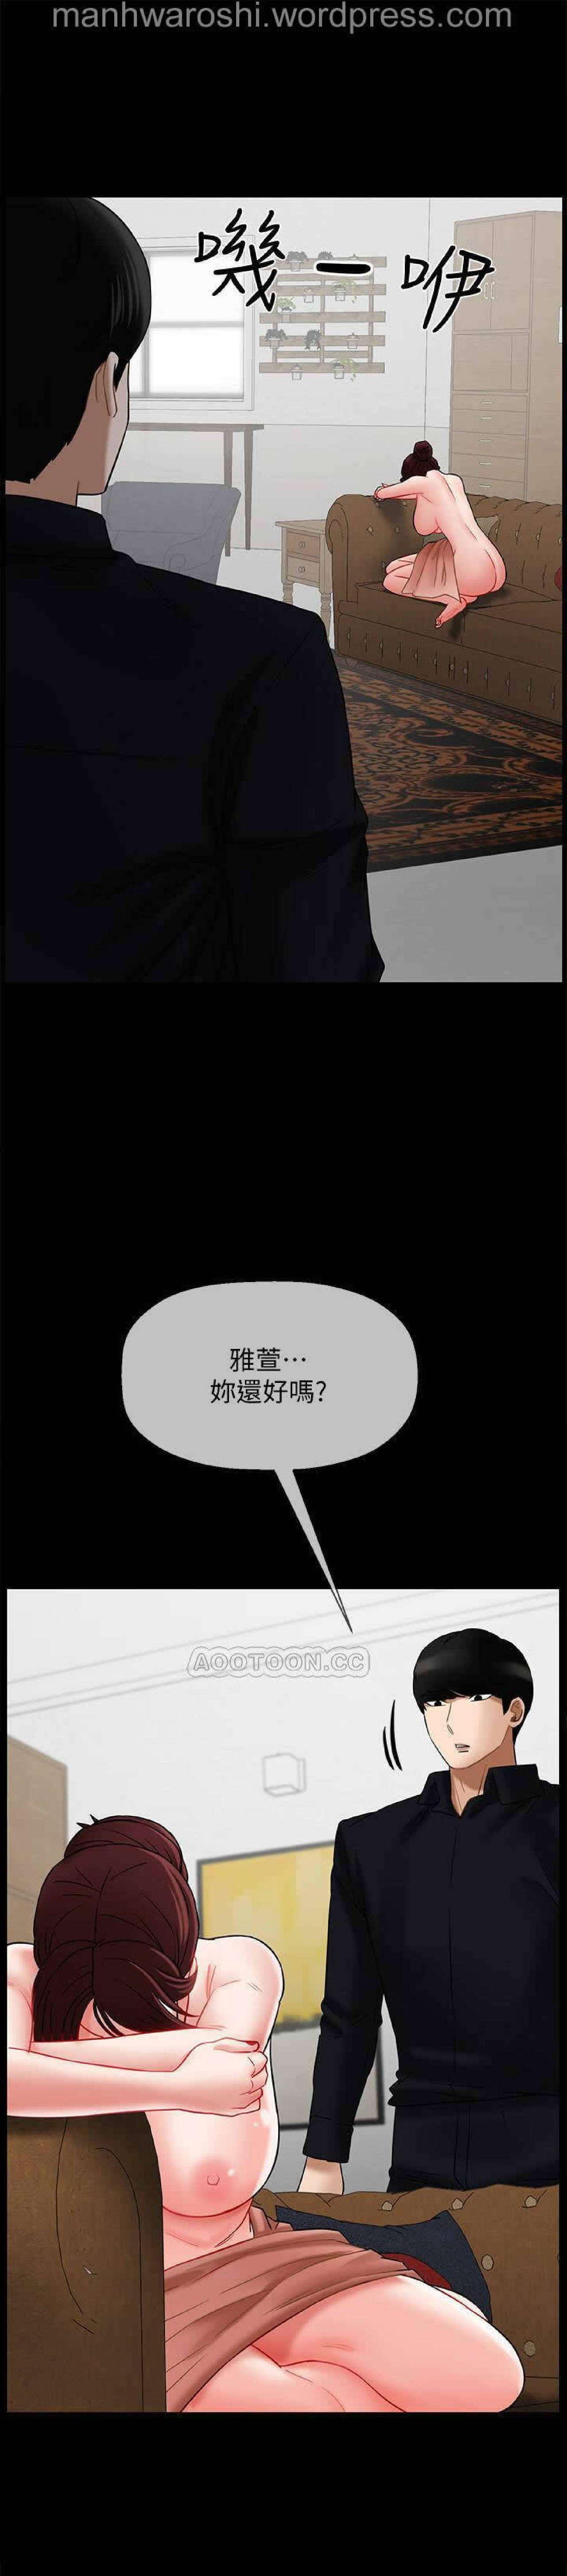 坏老师   PHYSICAL CLASSROOM 18 [Chinese] Manhwa 12